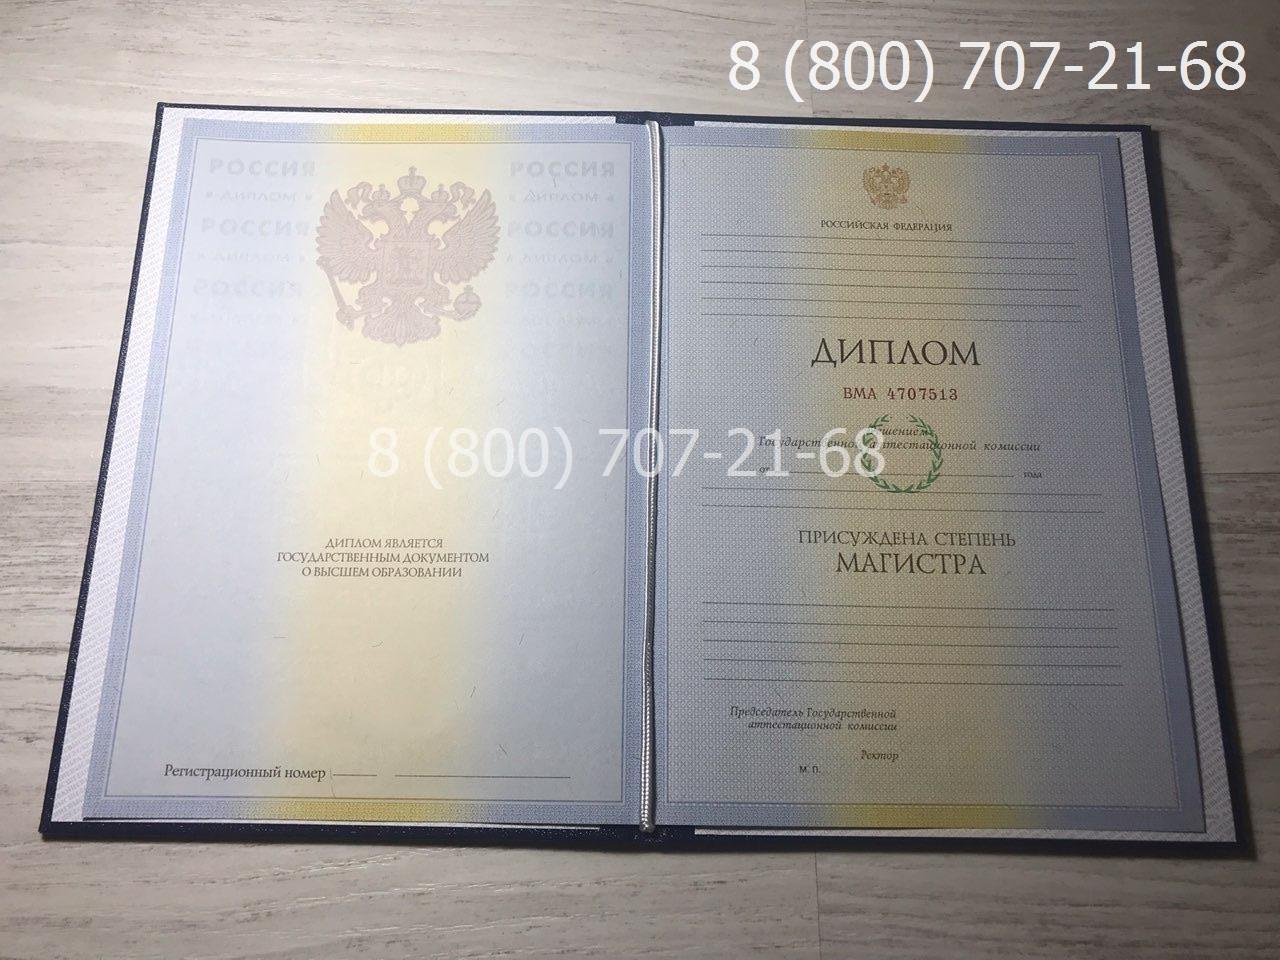 Диплом магистра 2009-2011 года фото 1